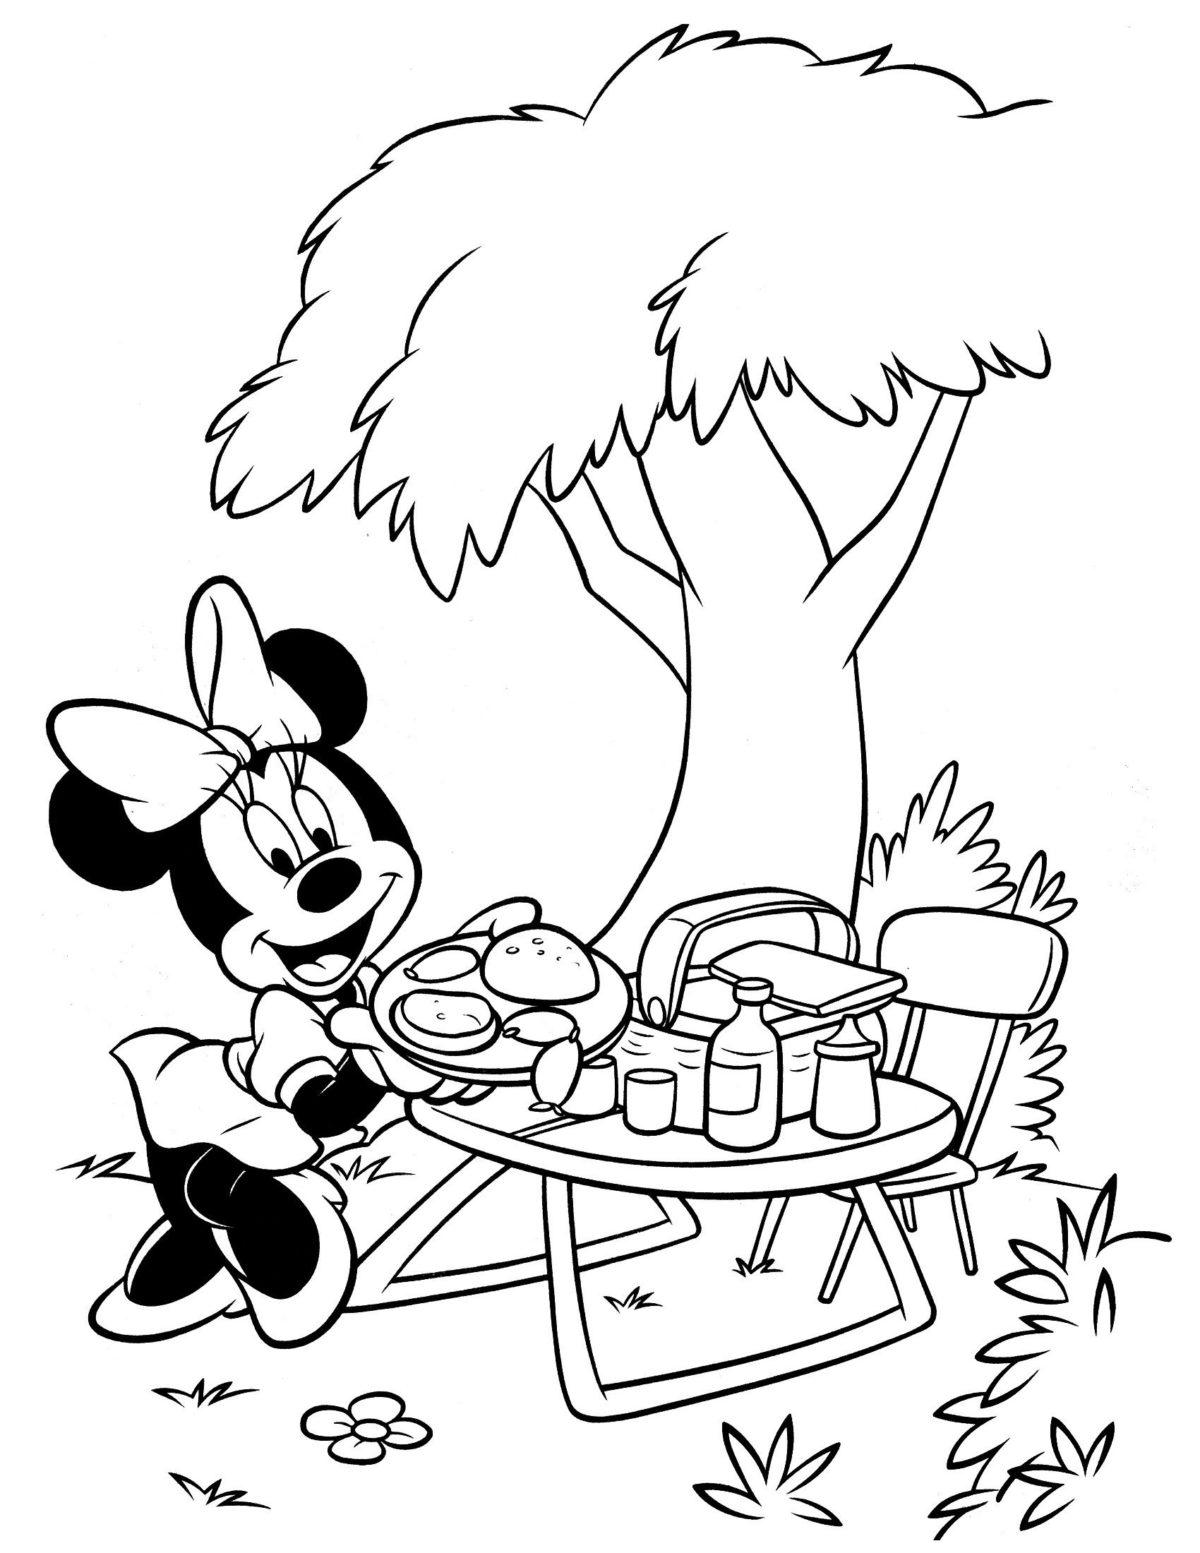 Минни на пикнике - Картинка для раскрашивания красками-гуашью